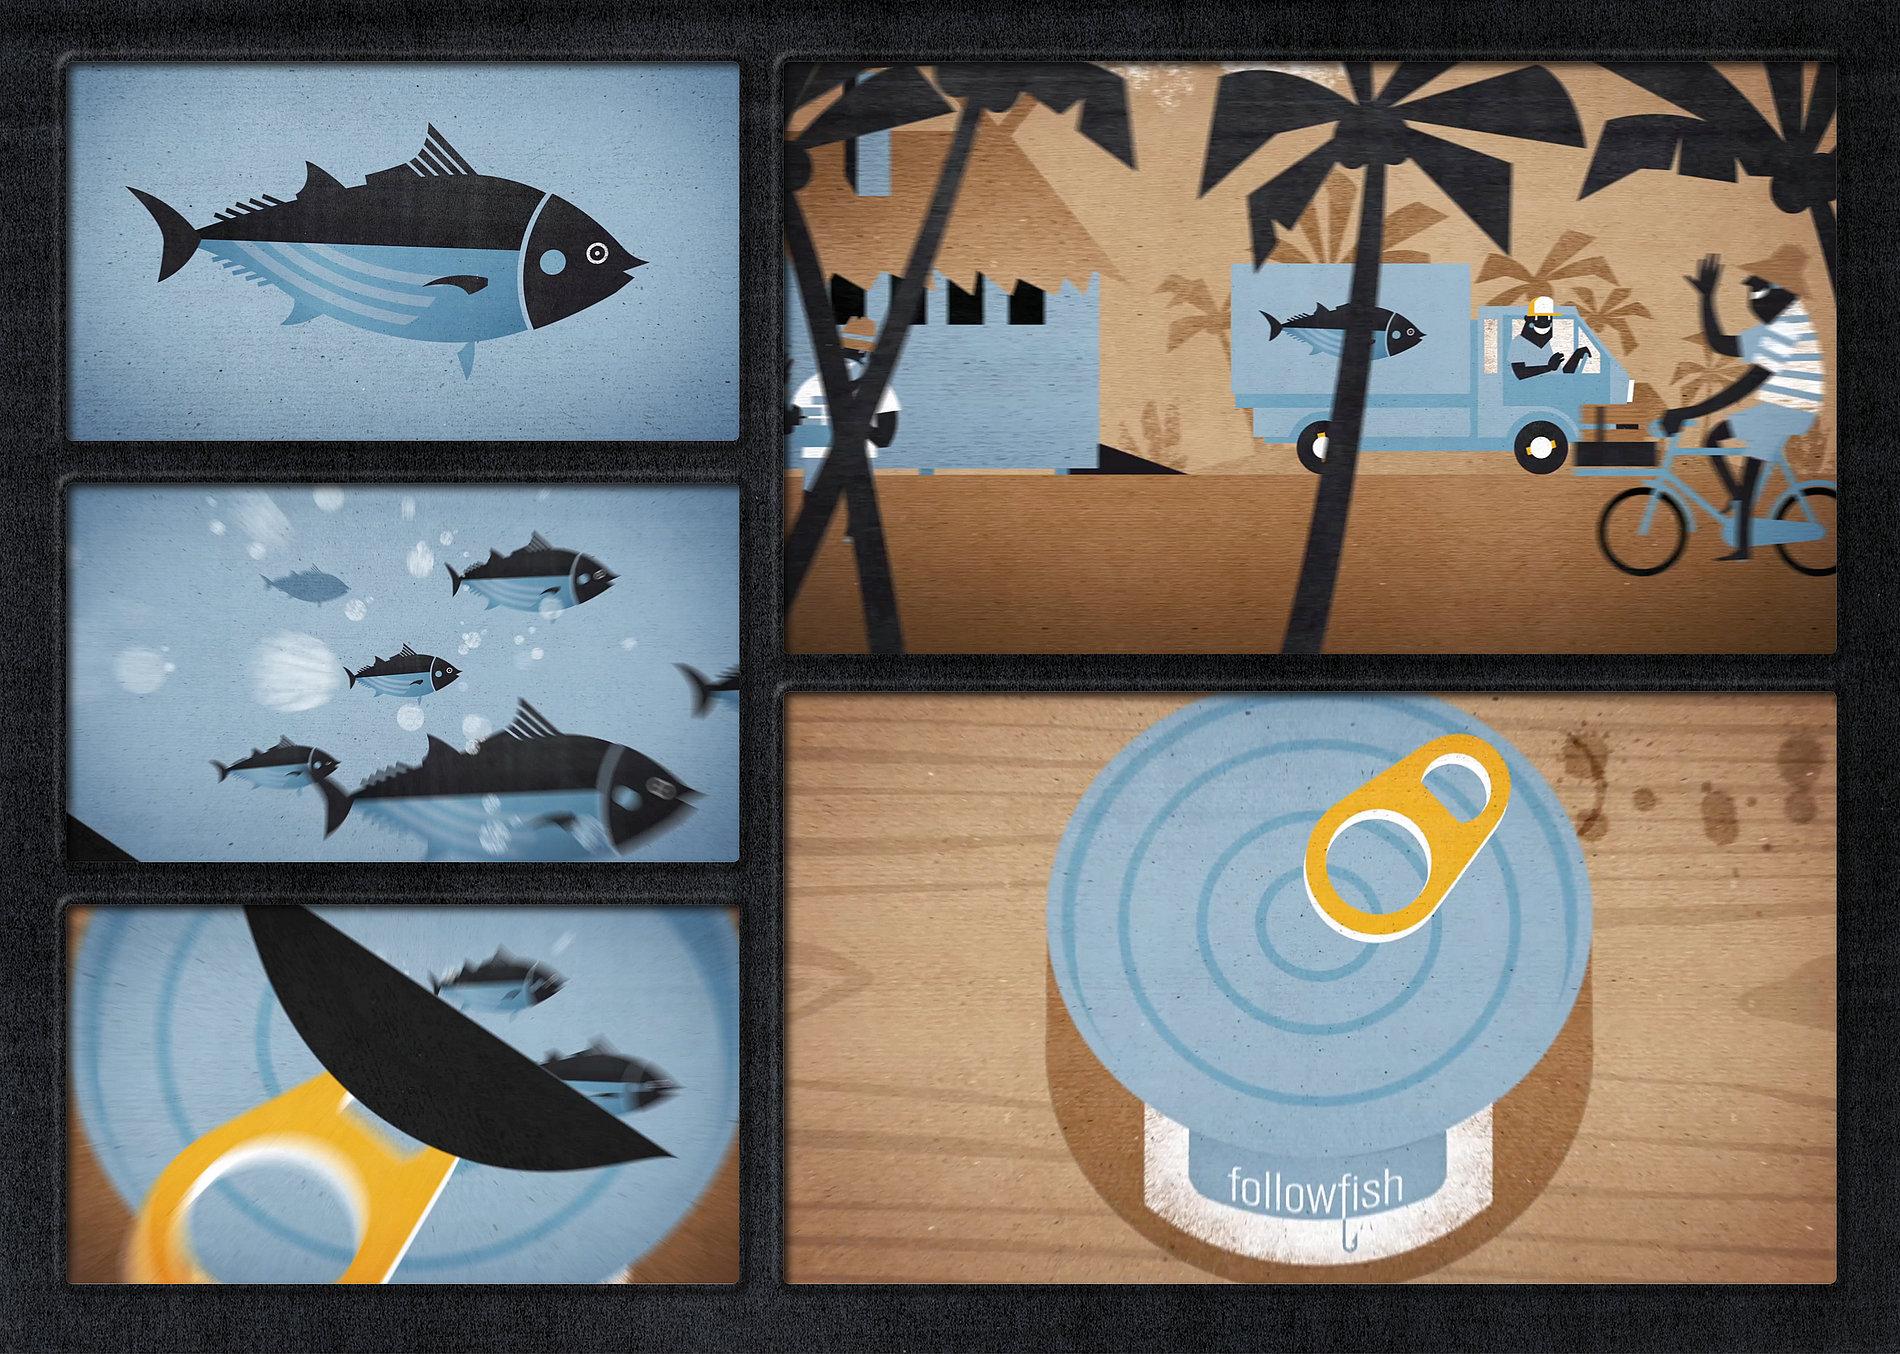 Followfish. Good Catch. | Red Dot Design Award